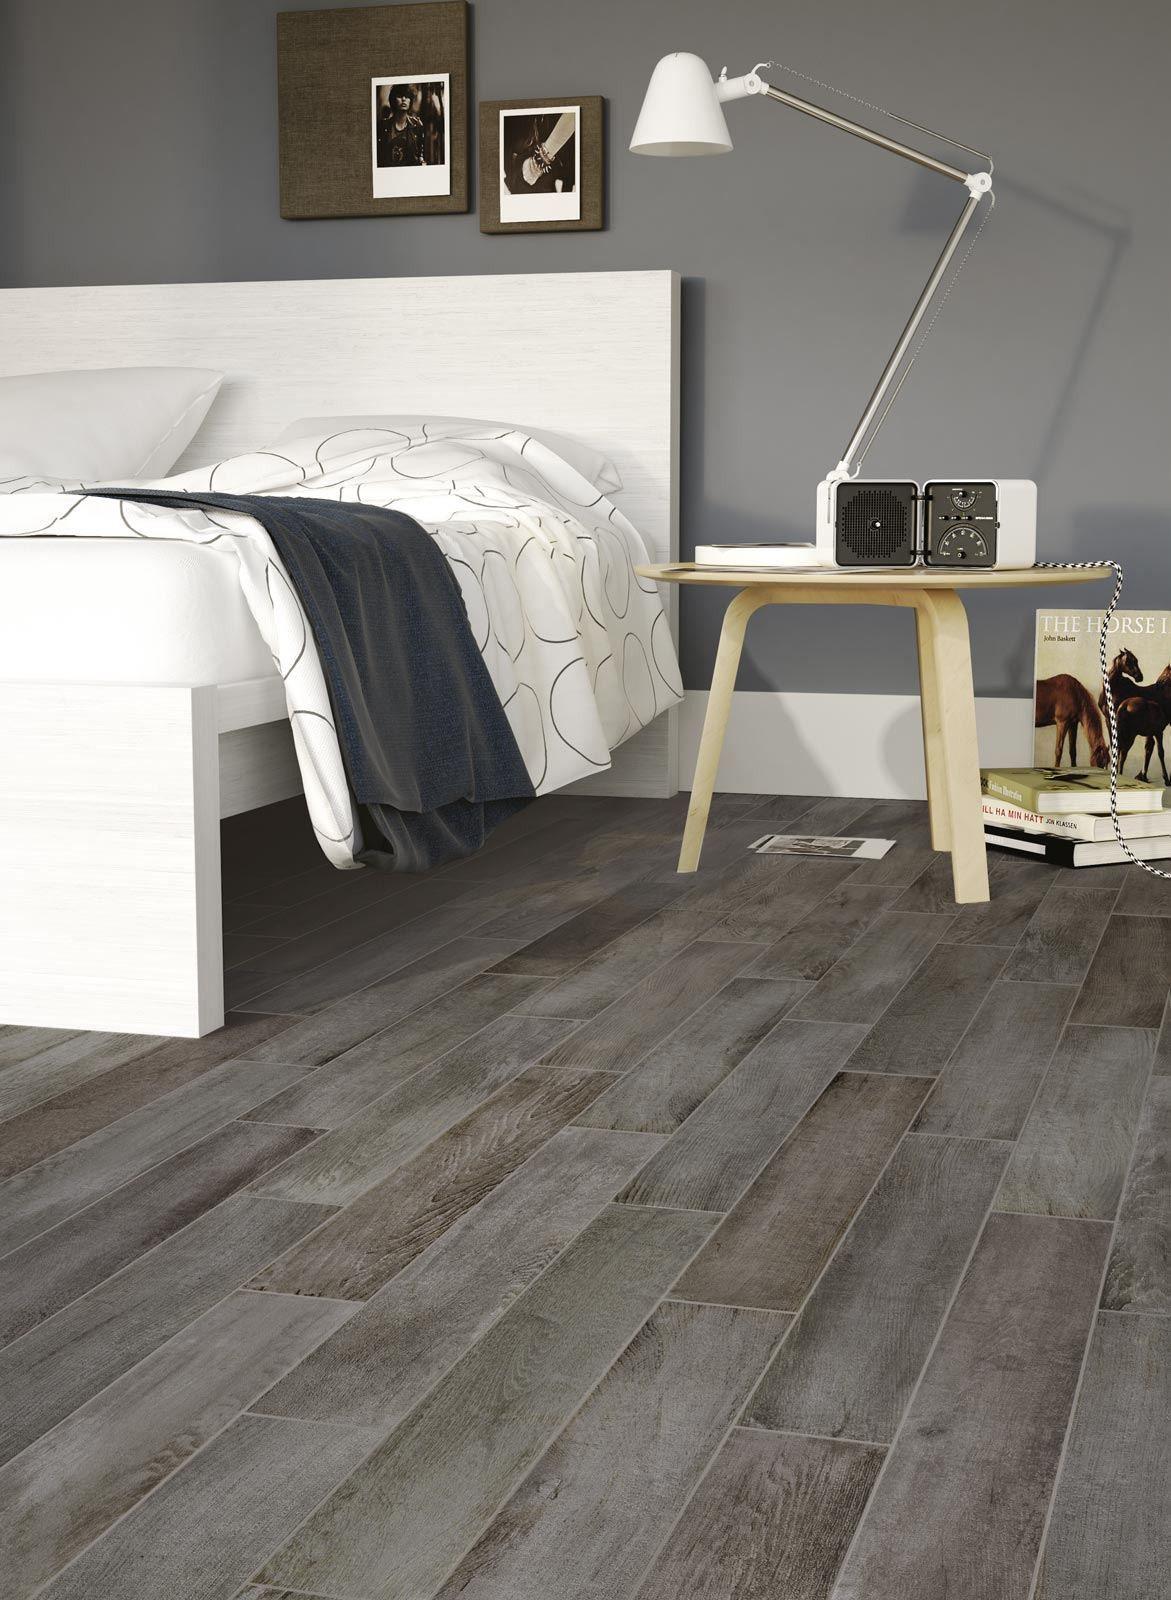 """Il gres effetto legno Woodcraft di Ragno rappresenta una proposta di """" rottura"""" rispetto alle estetiche in gamma e da la possibilità di esplorare soluzioni e combinazioni inusuali a pavimento. Le piastrelle Woodcraft si presentano in 5 colorazioni fortemente stonalizzate e 2 piu' contemporanee."""